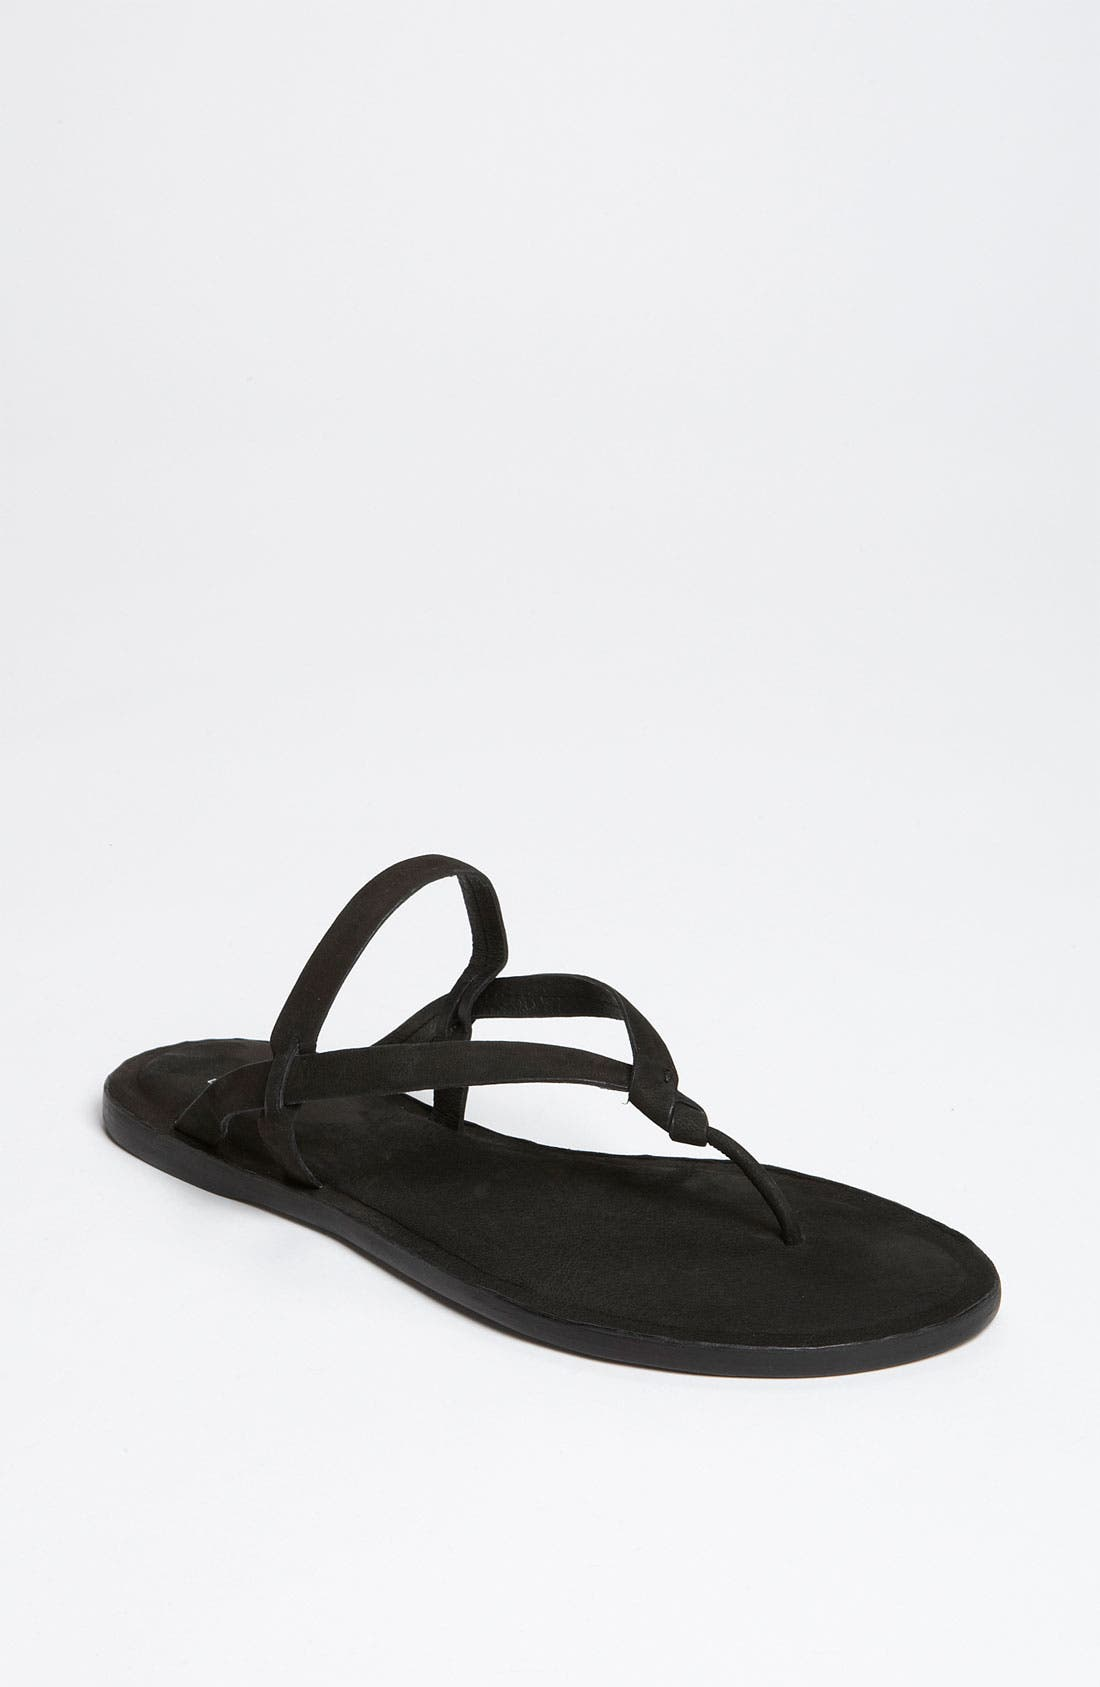 Main Image - Eileen Fisher 'Bare' Sandal